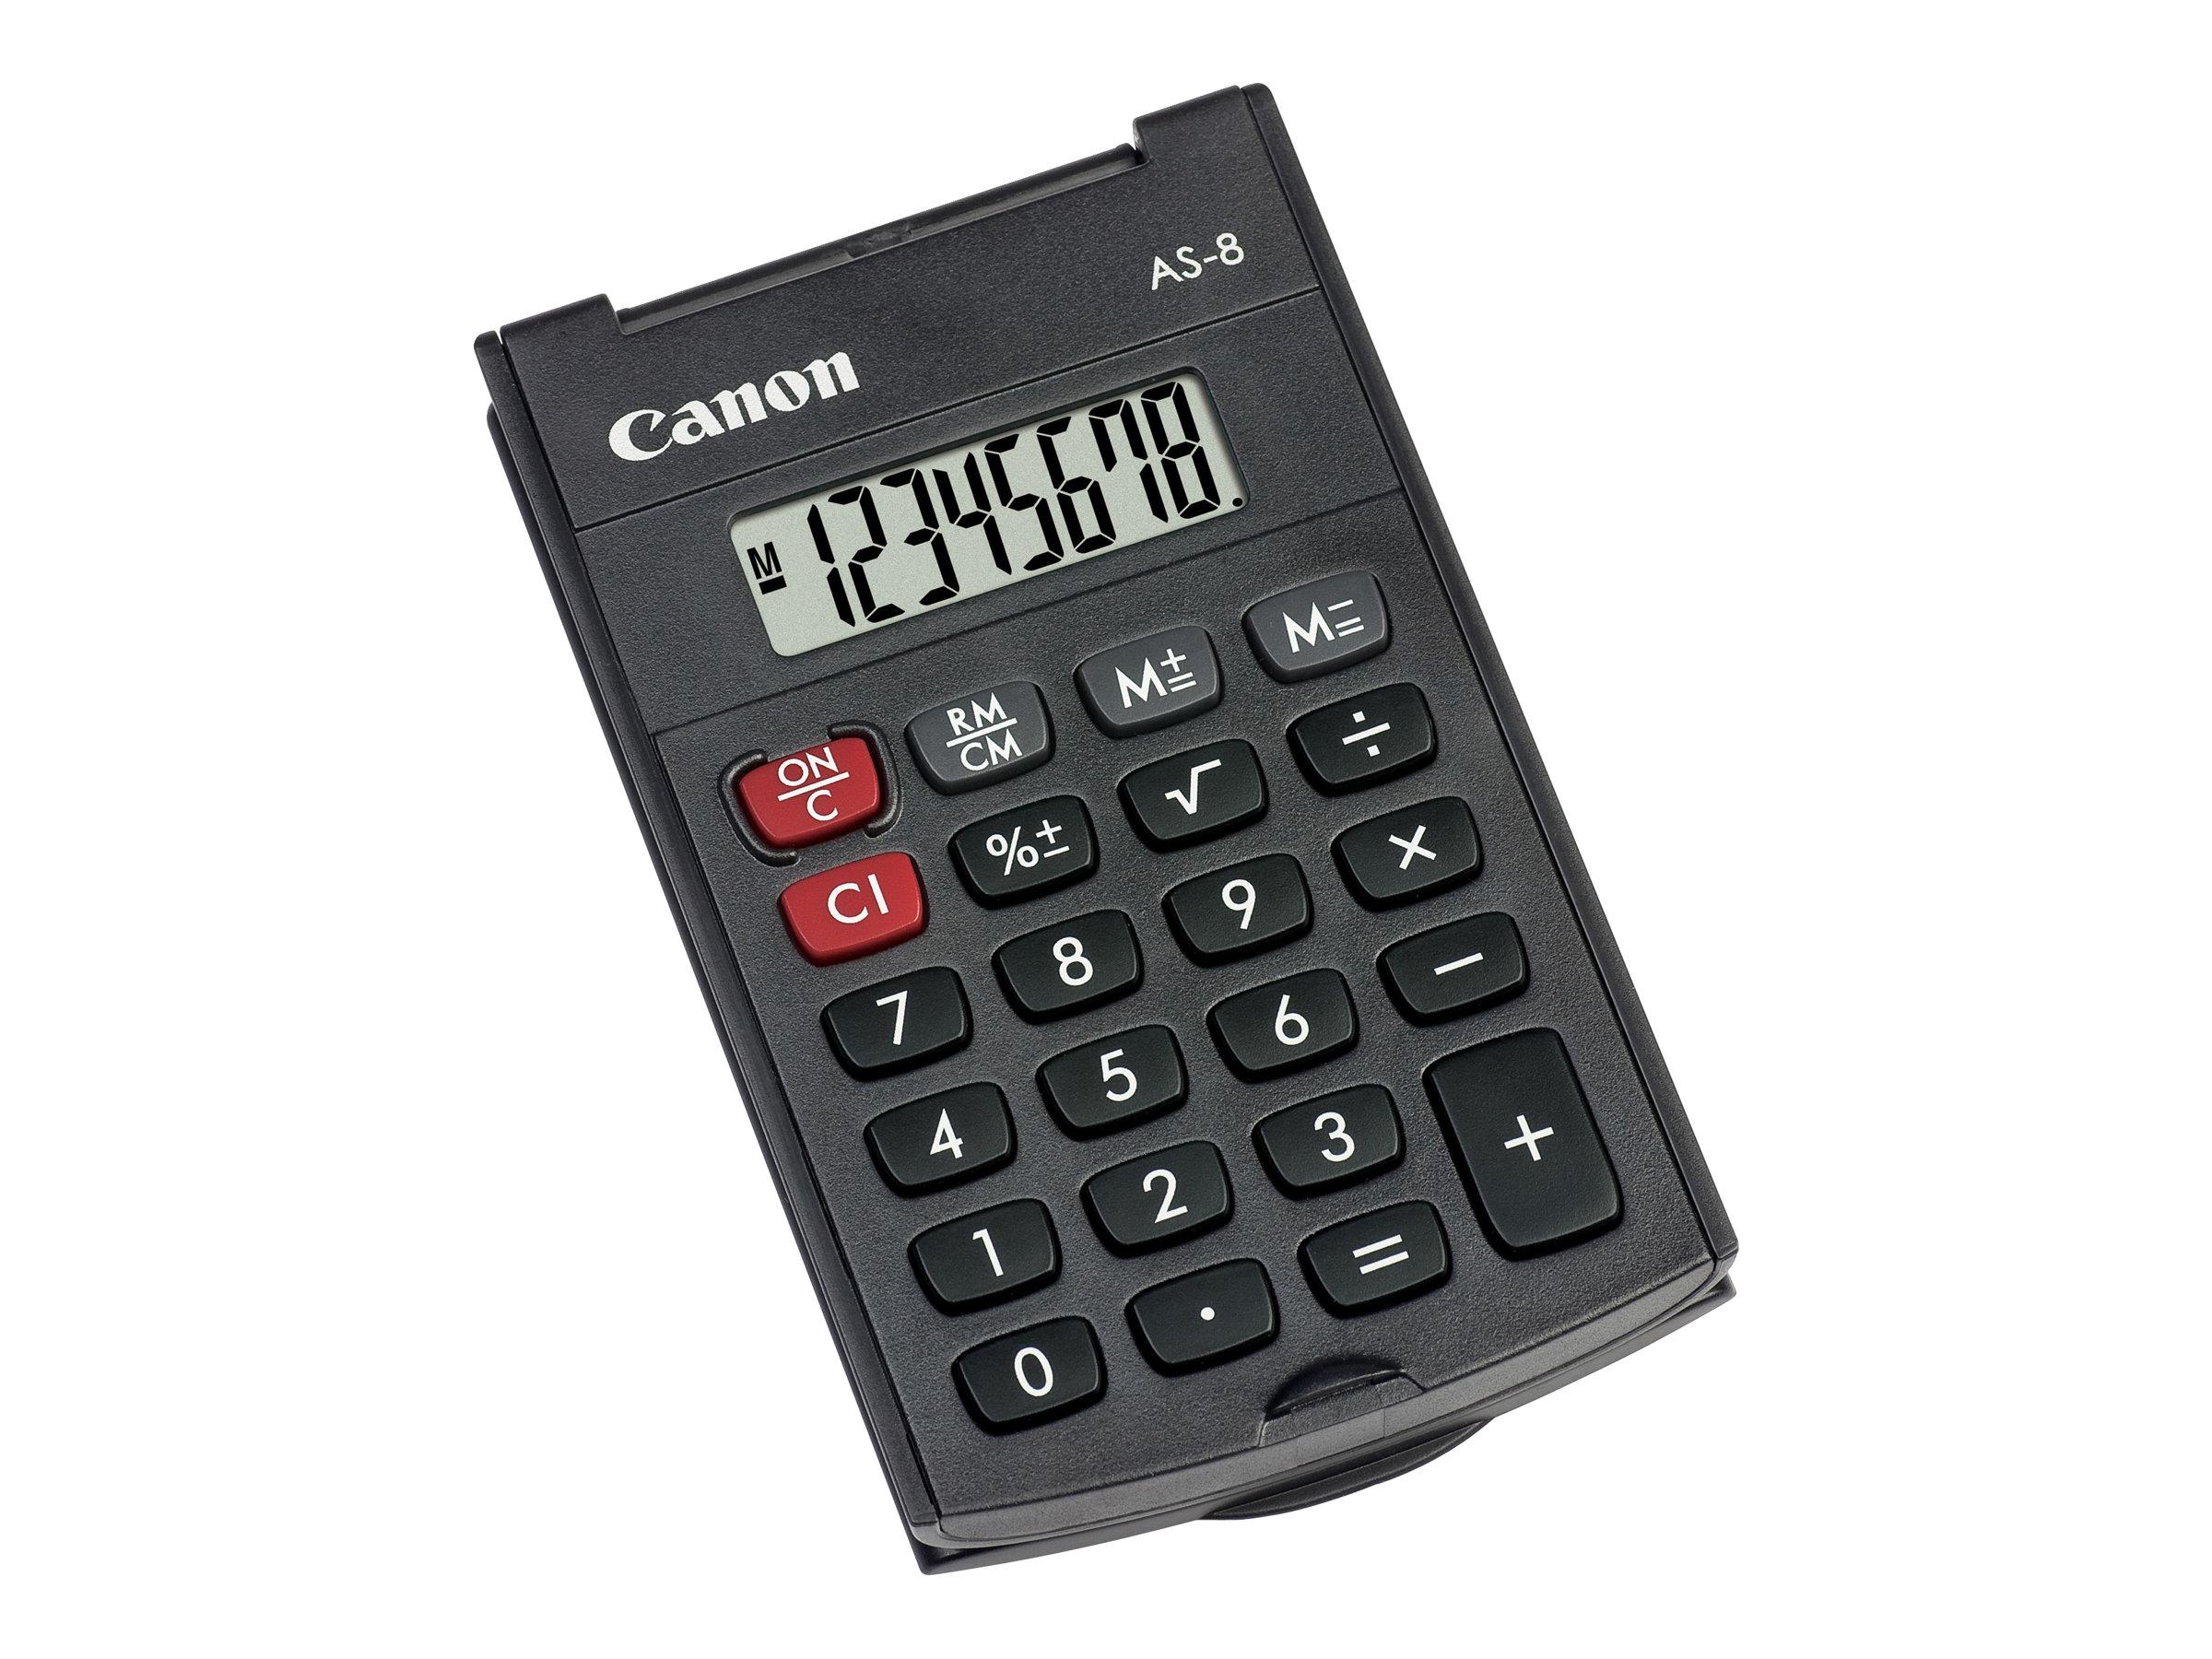 Canon AS-8 - Taschenrechner - 8 Stellen - Dunkelgrau